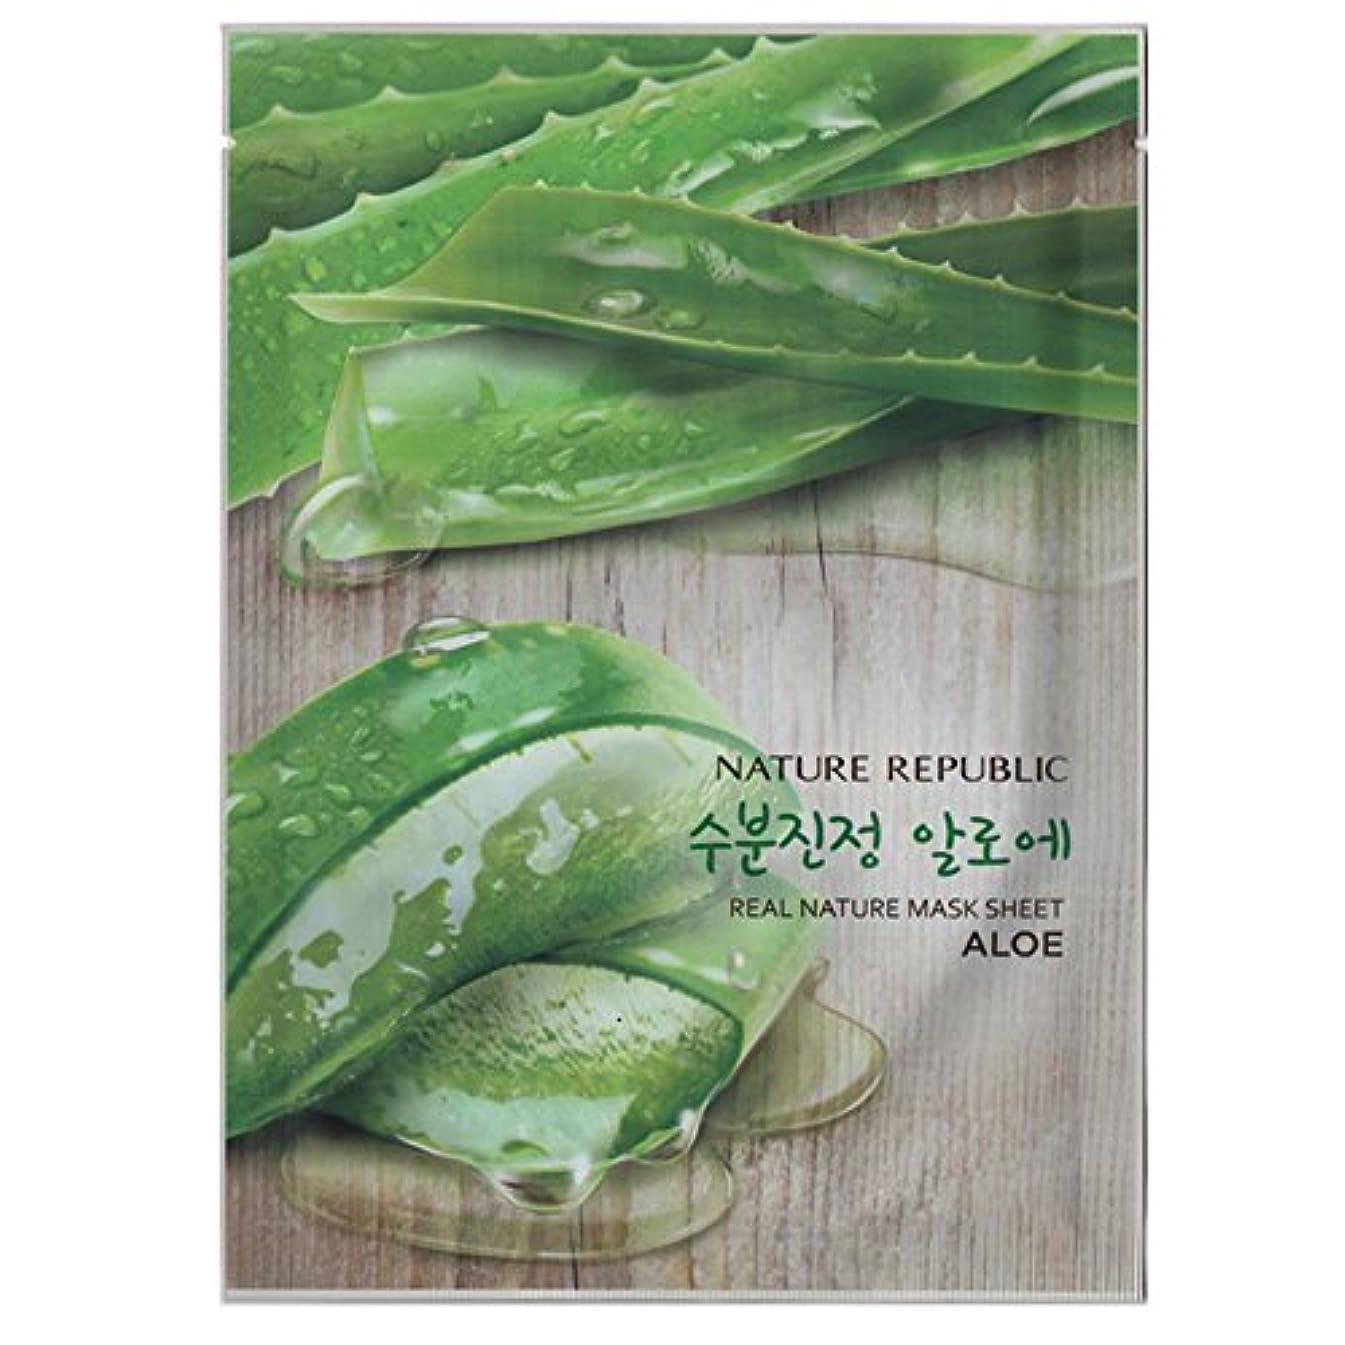 無効絶望健康的[NATURE REPUBLIC] リアルネイチャー マスクシート Real Nature Mask Sheet (Aloe (アロエ) 10個) [並行輸入品]